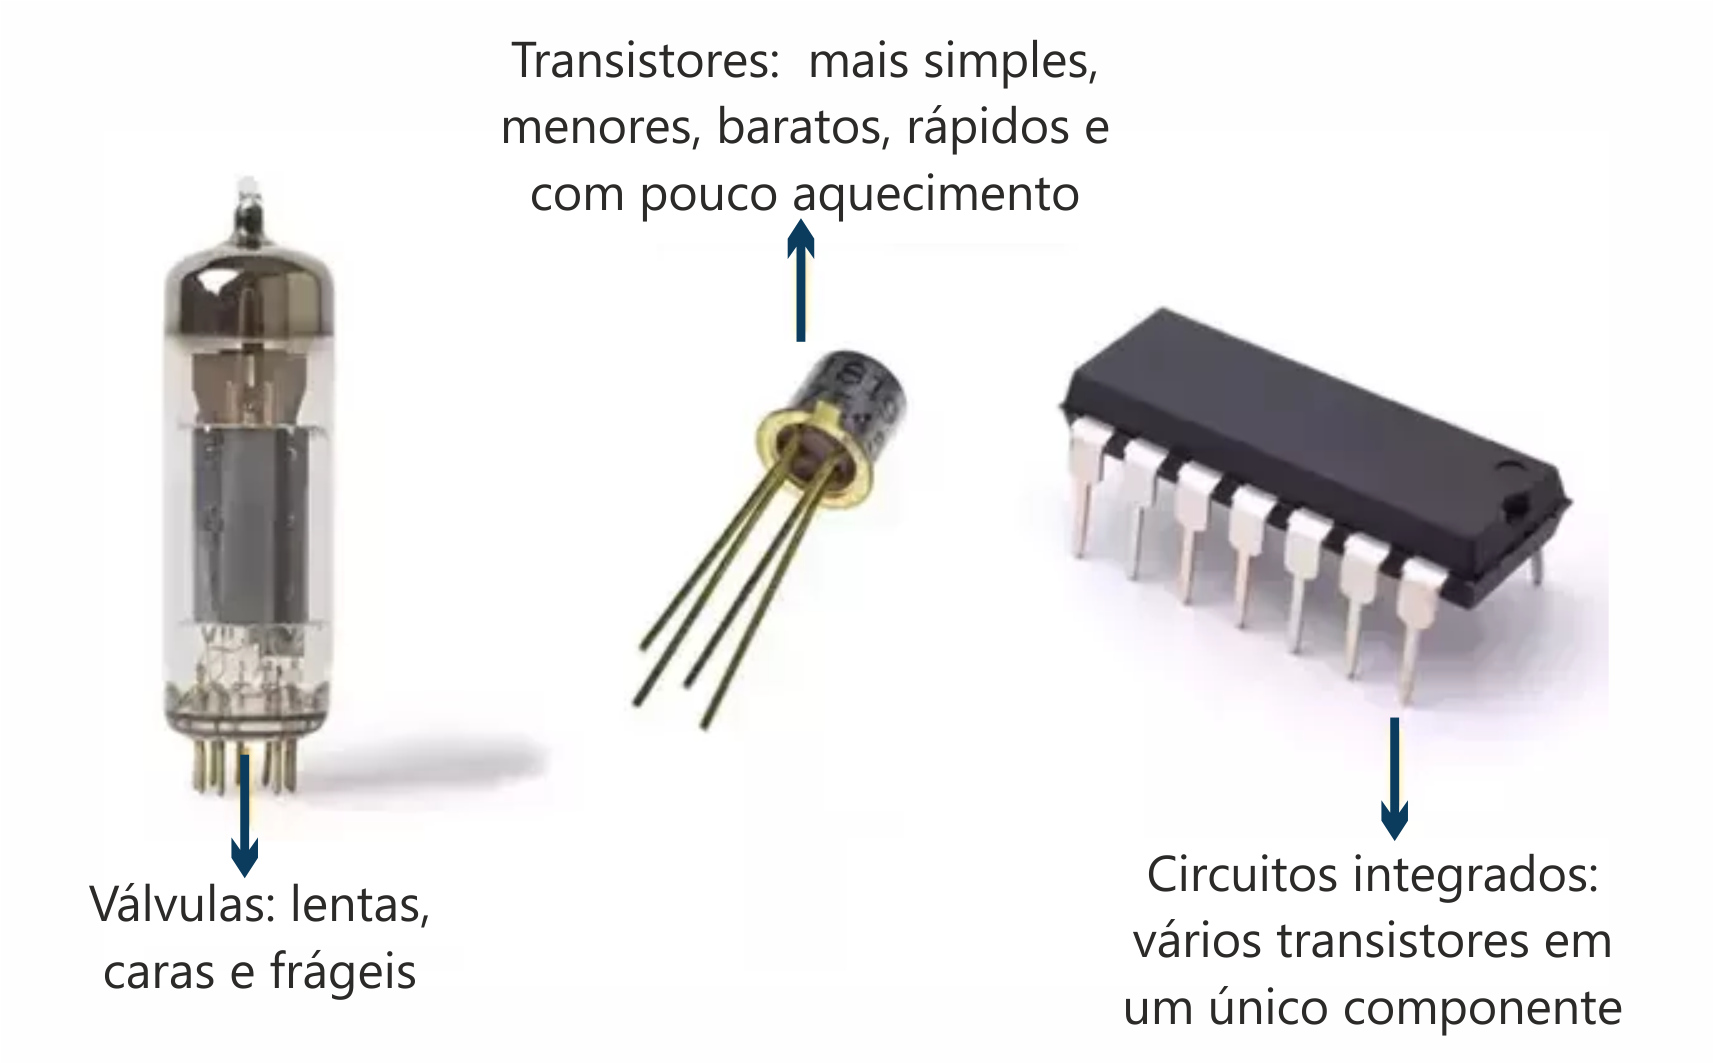 Comparação entre válvulas, transistores e circuitos integrados